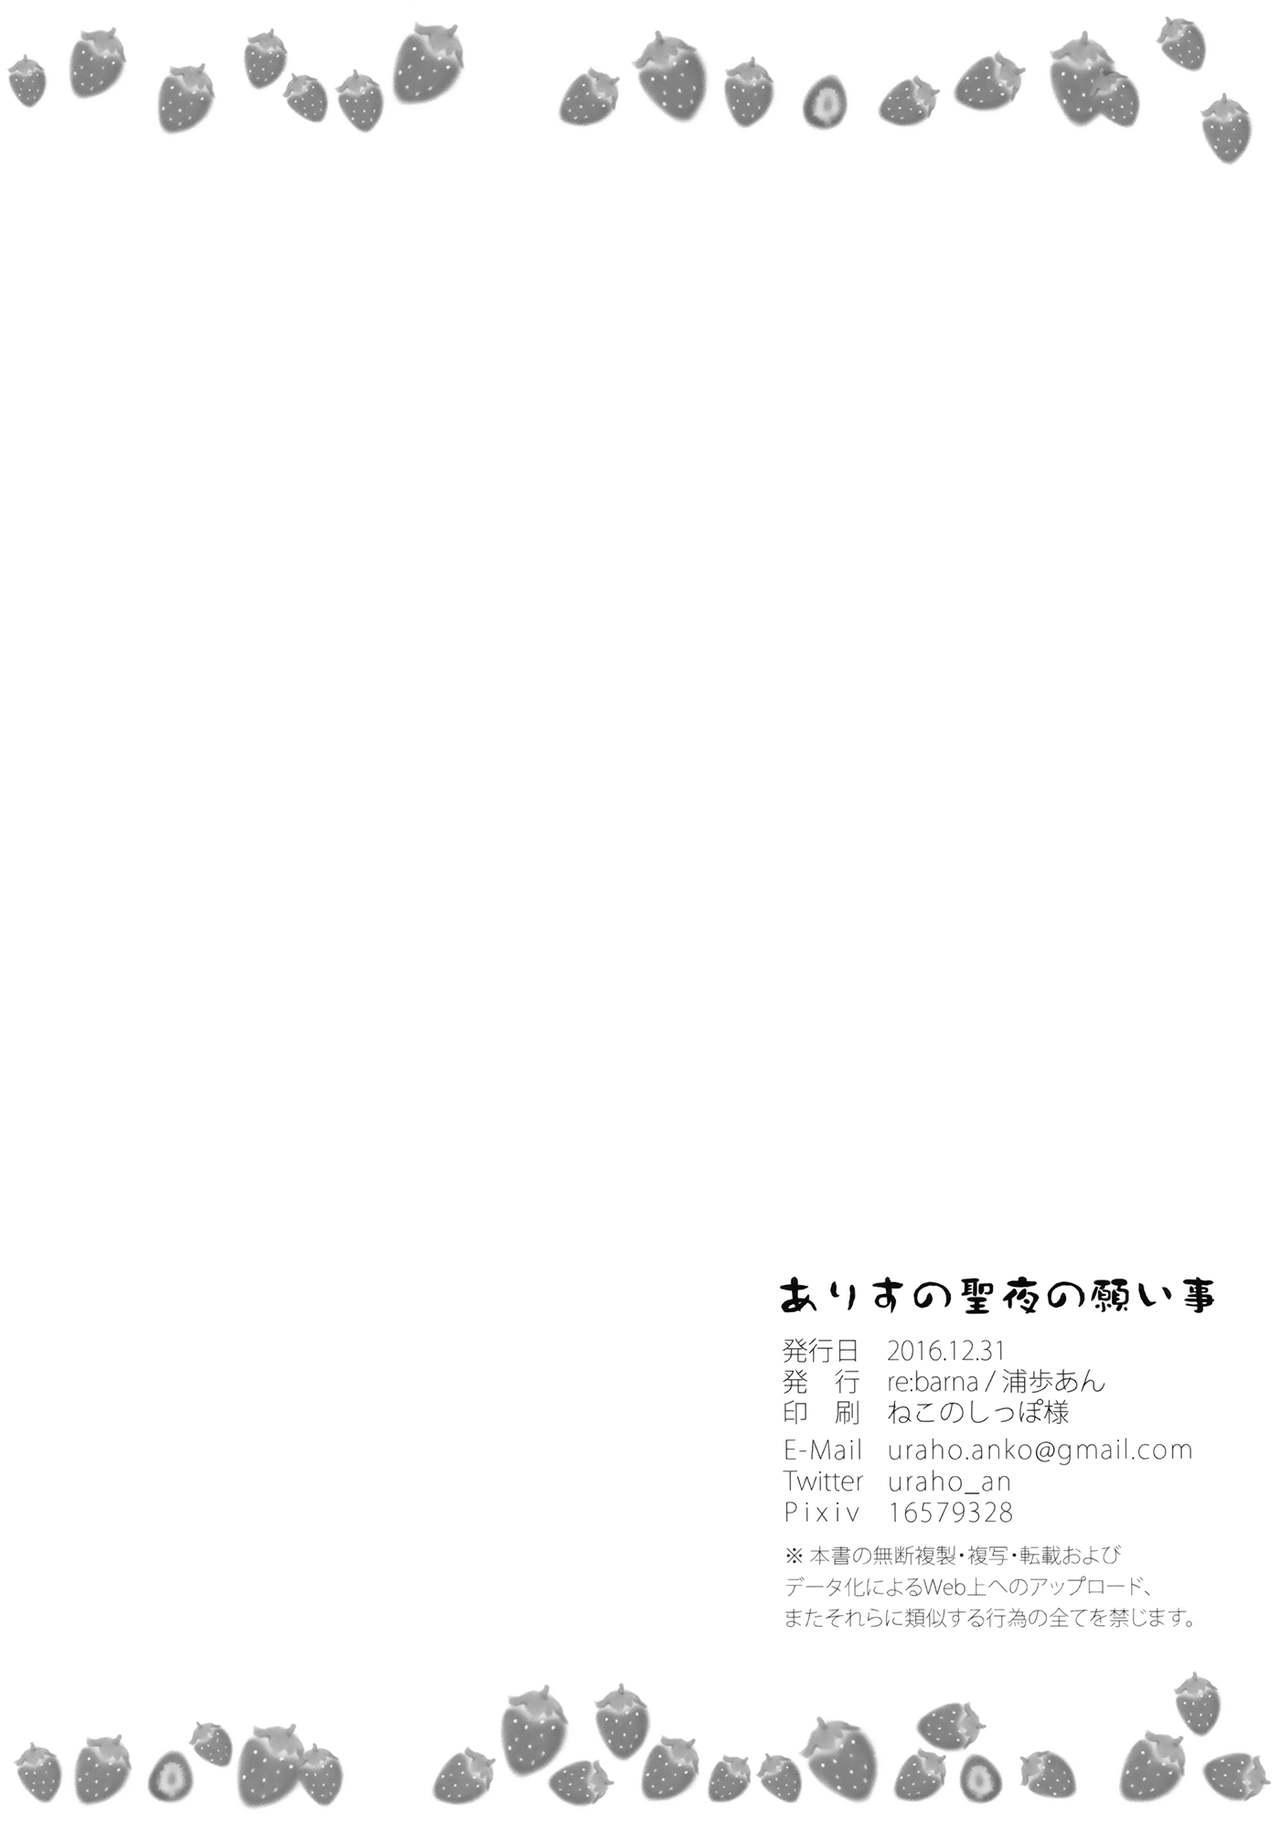 Arisu no Seiya no Negaigoto 16